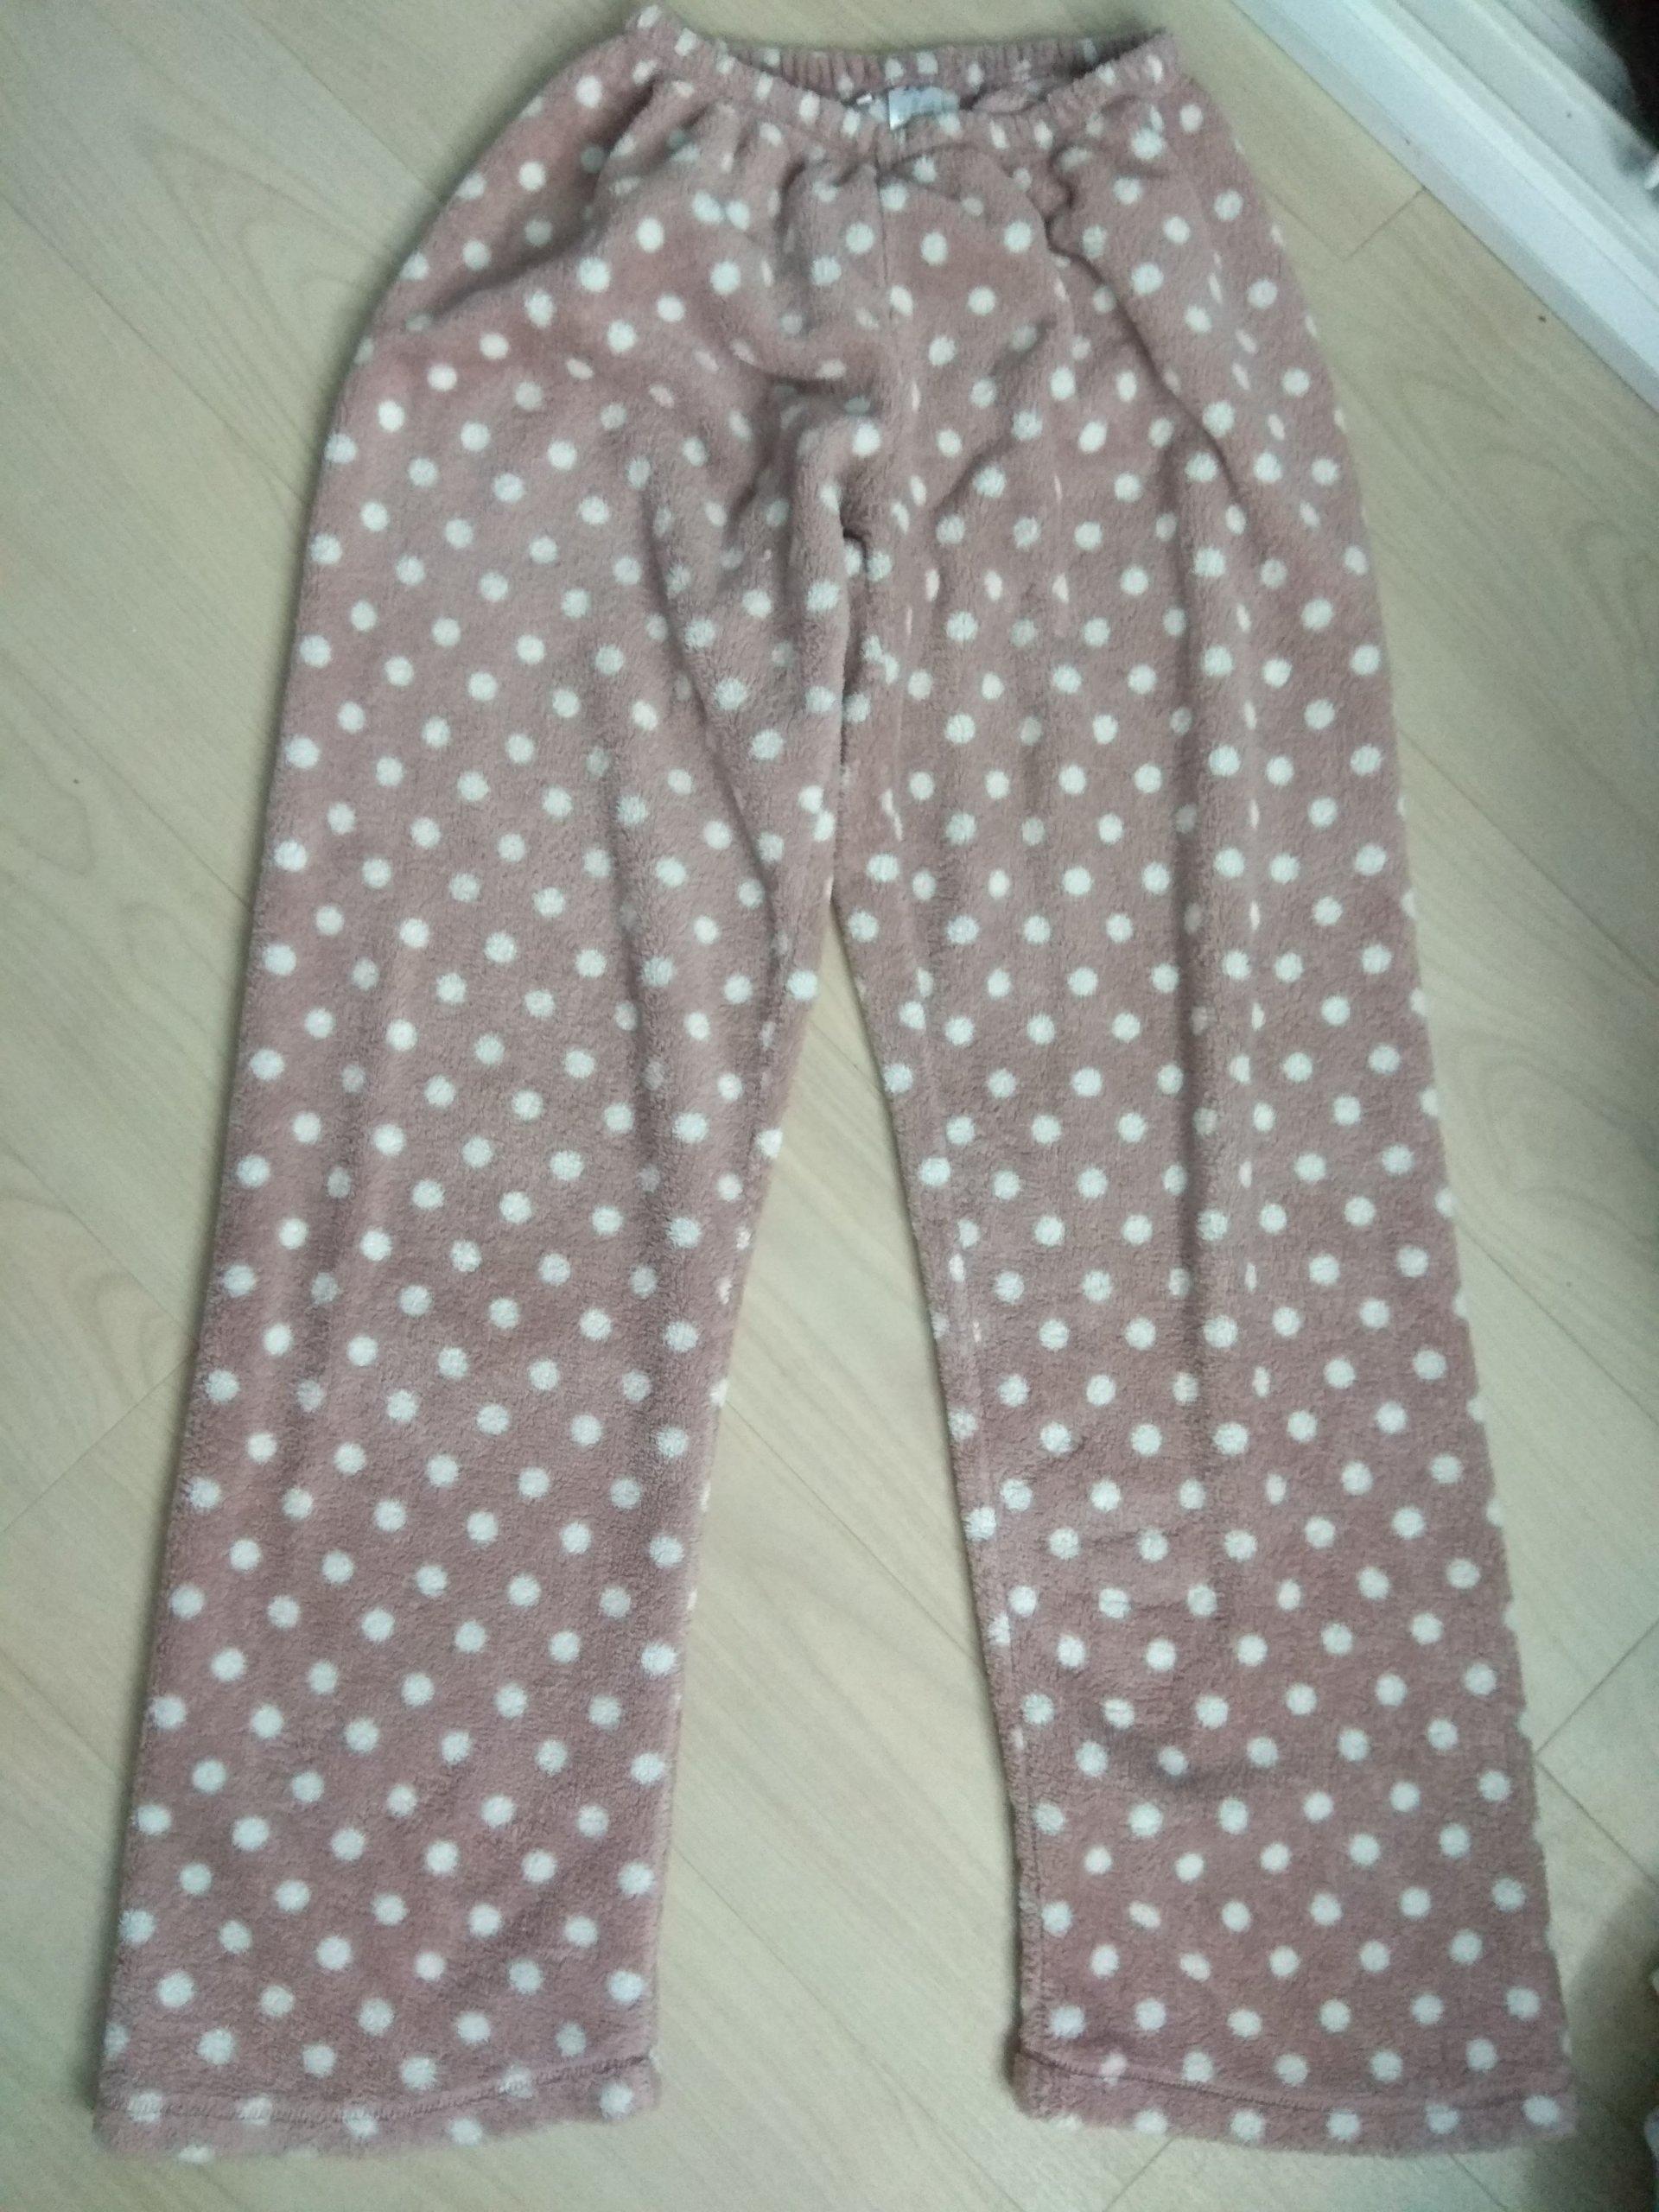 8d3aa3615186be spodnie polarowe piżama M 38 LOVE TO LOUNGE - 7040220144 - oficjalne ...